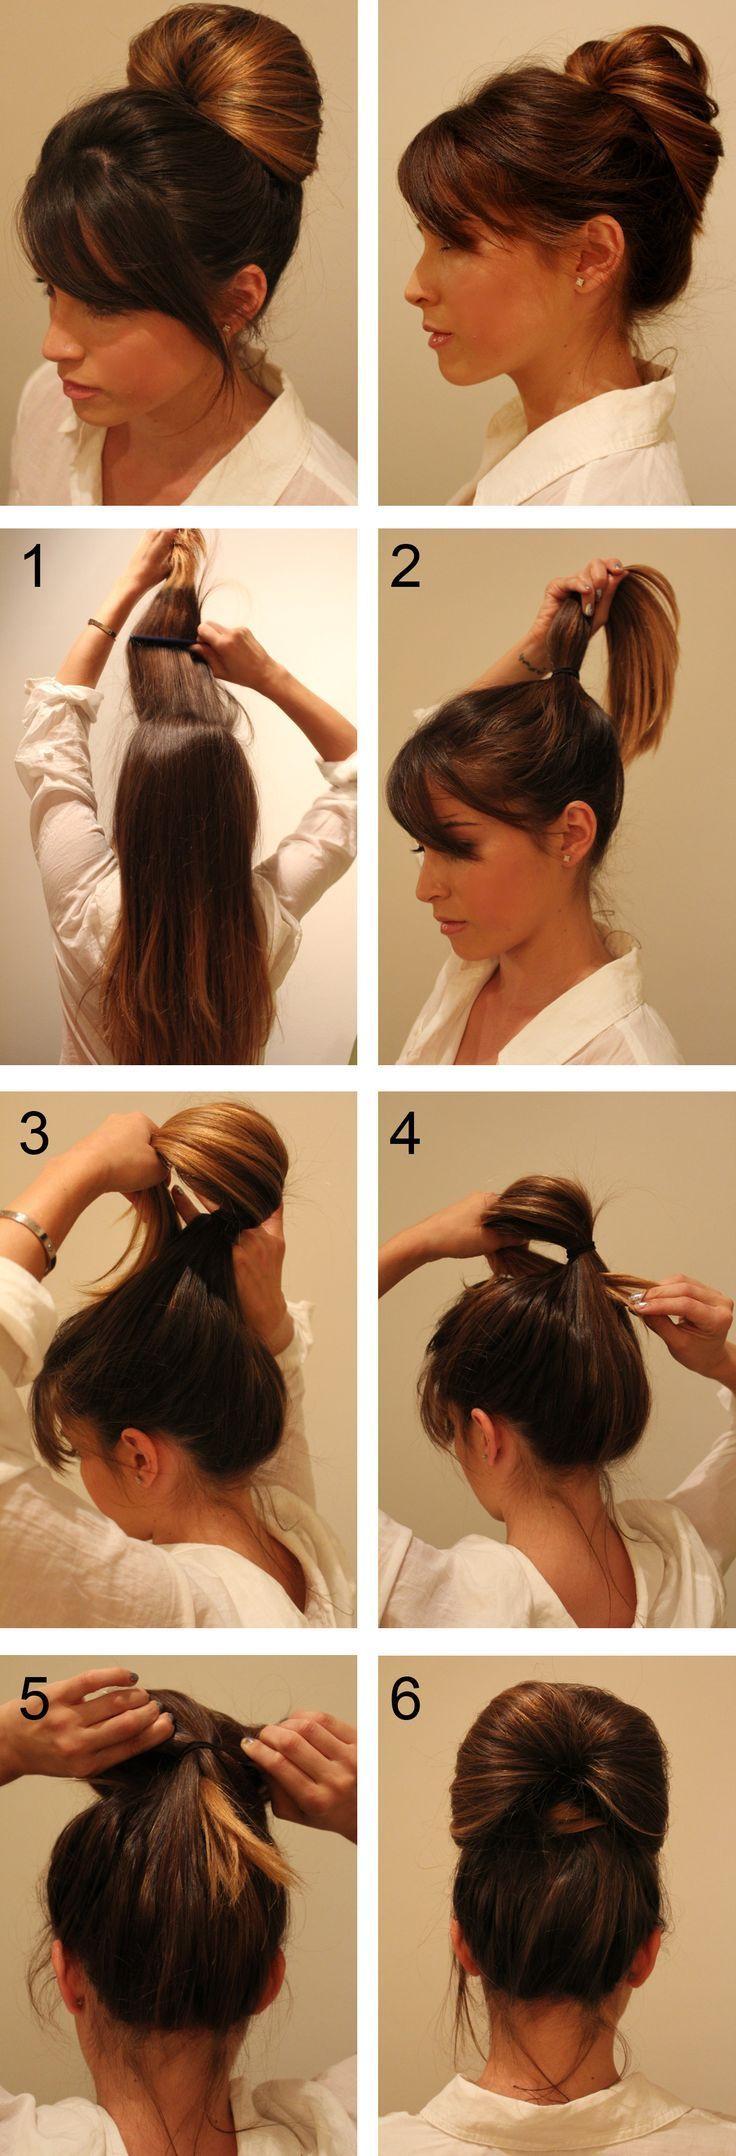 Как сделать причёску очень лёгкую самой себе